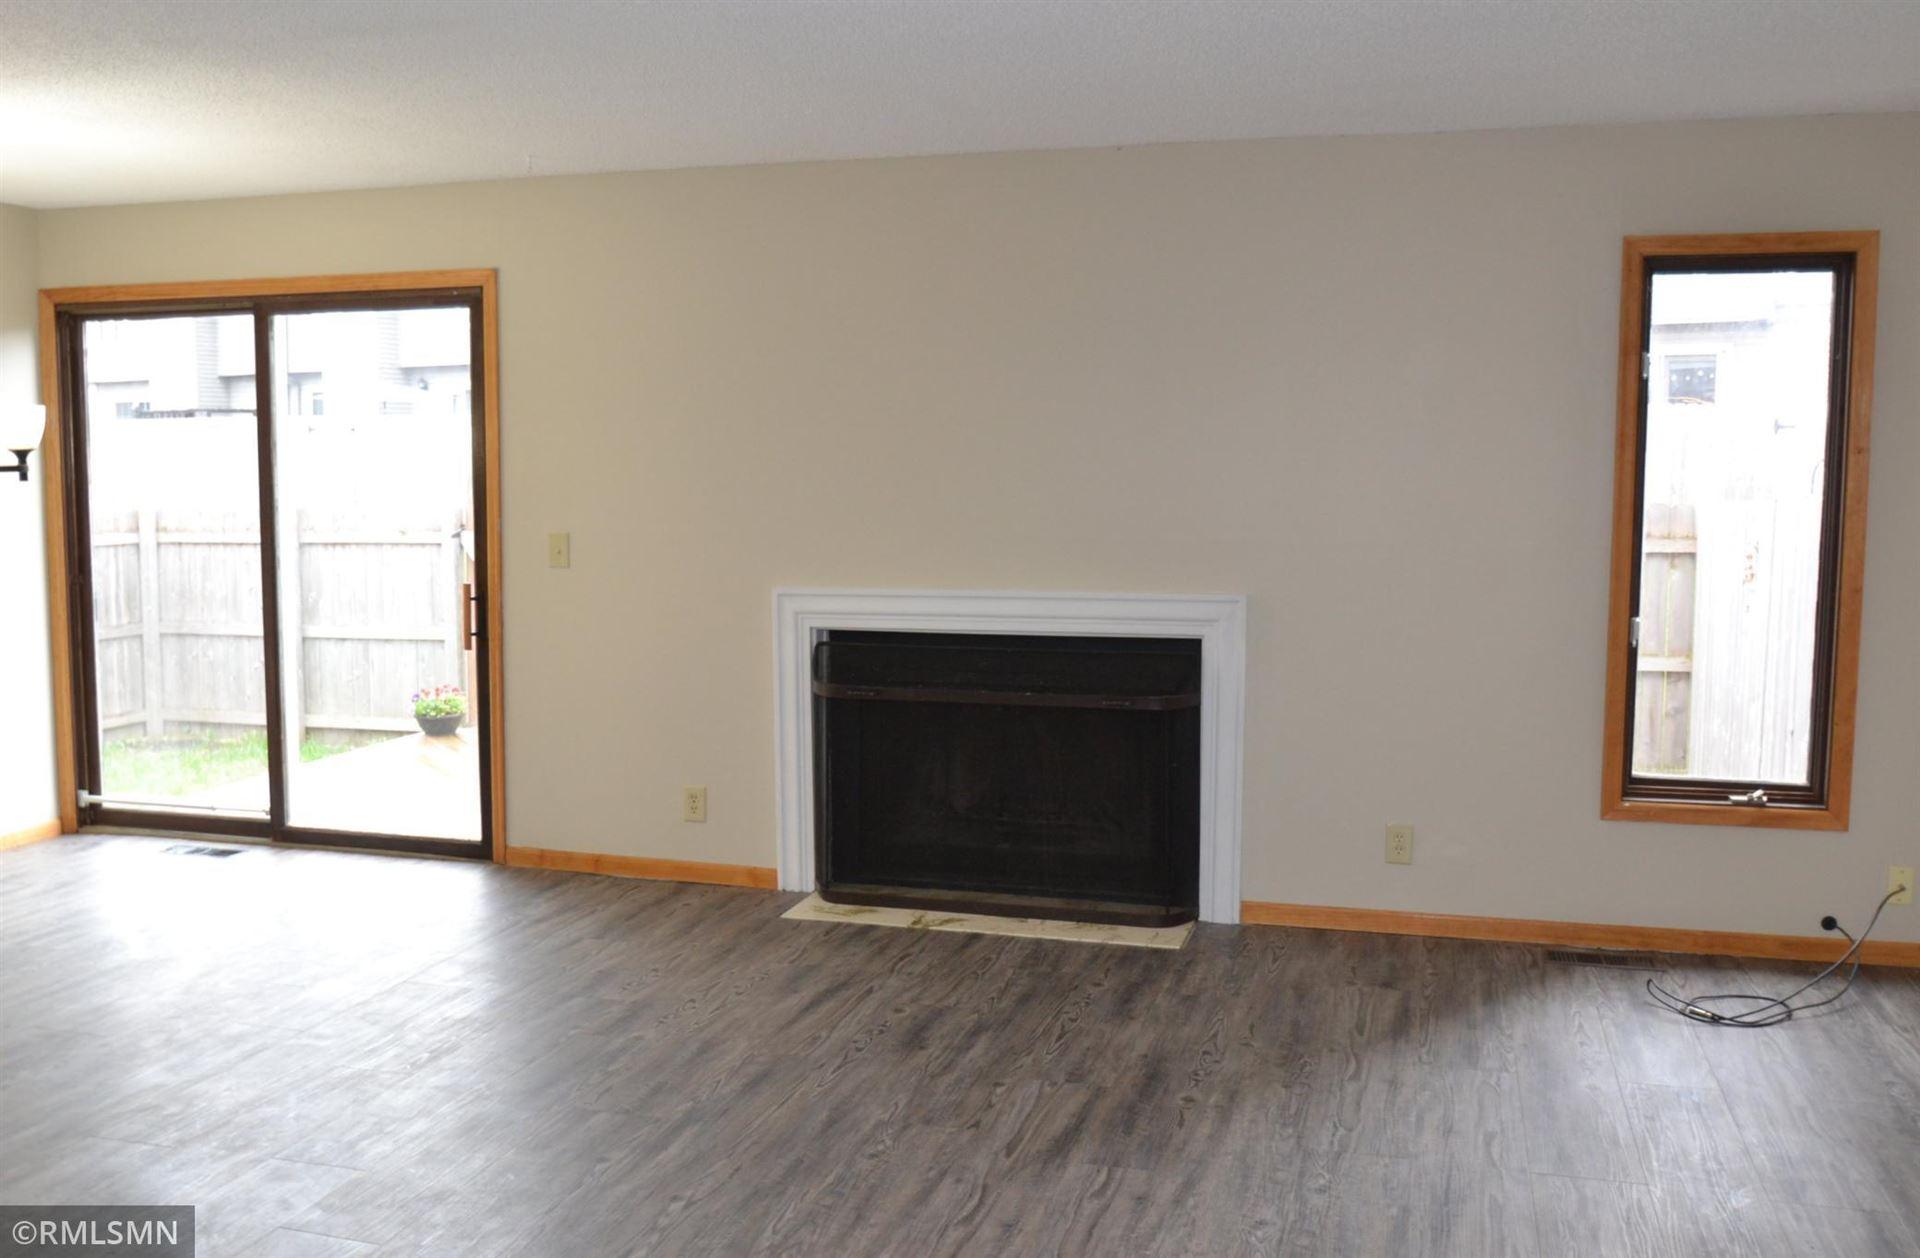 Photo of 3780 Golden Hills Terrace, Eagan, MN 55122 (MLS # 5739708)